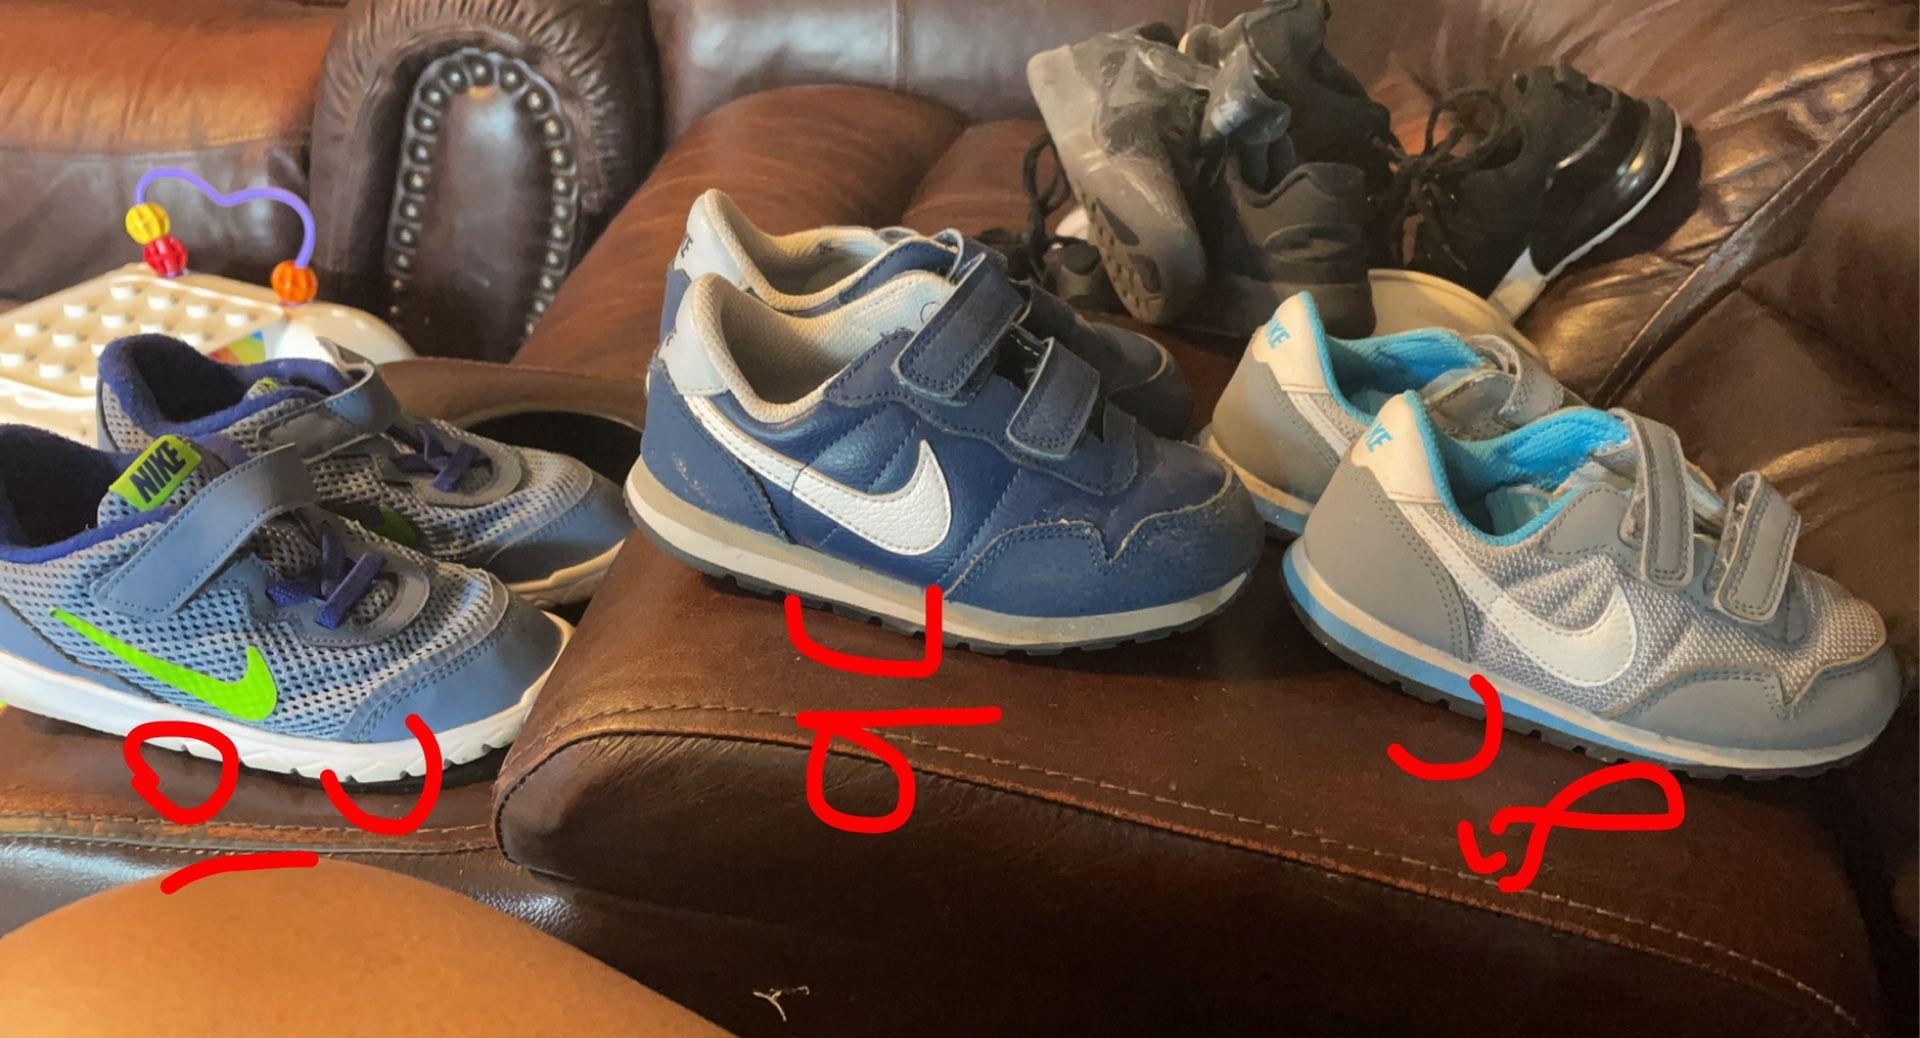 Shoes Boys 10c 9c 8c $8 Each